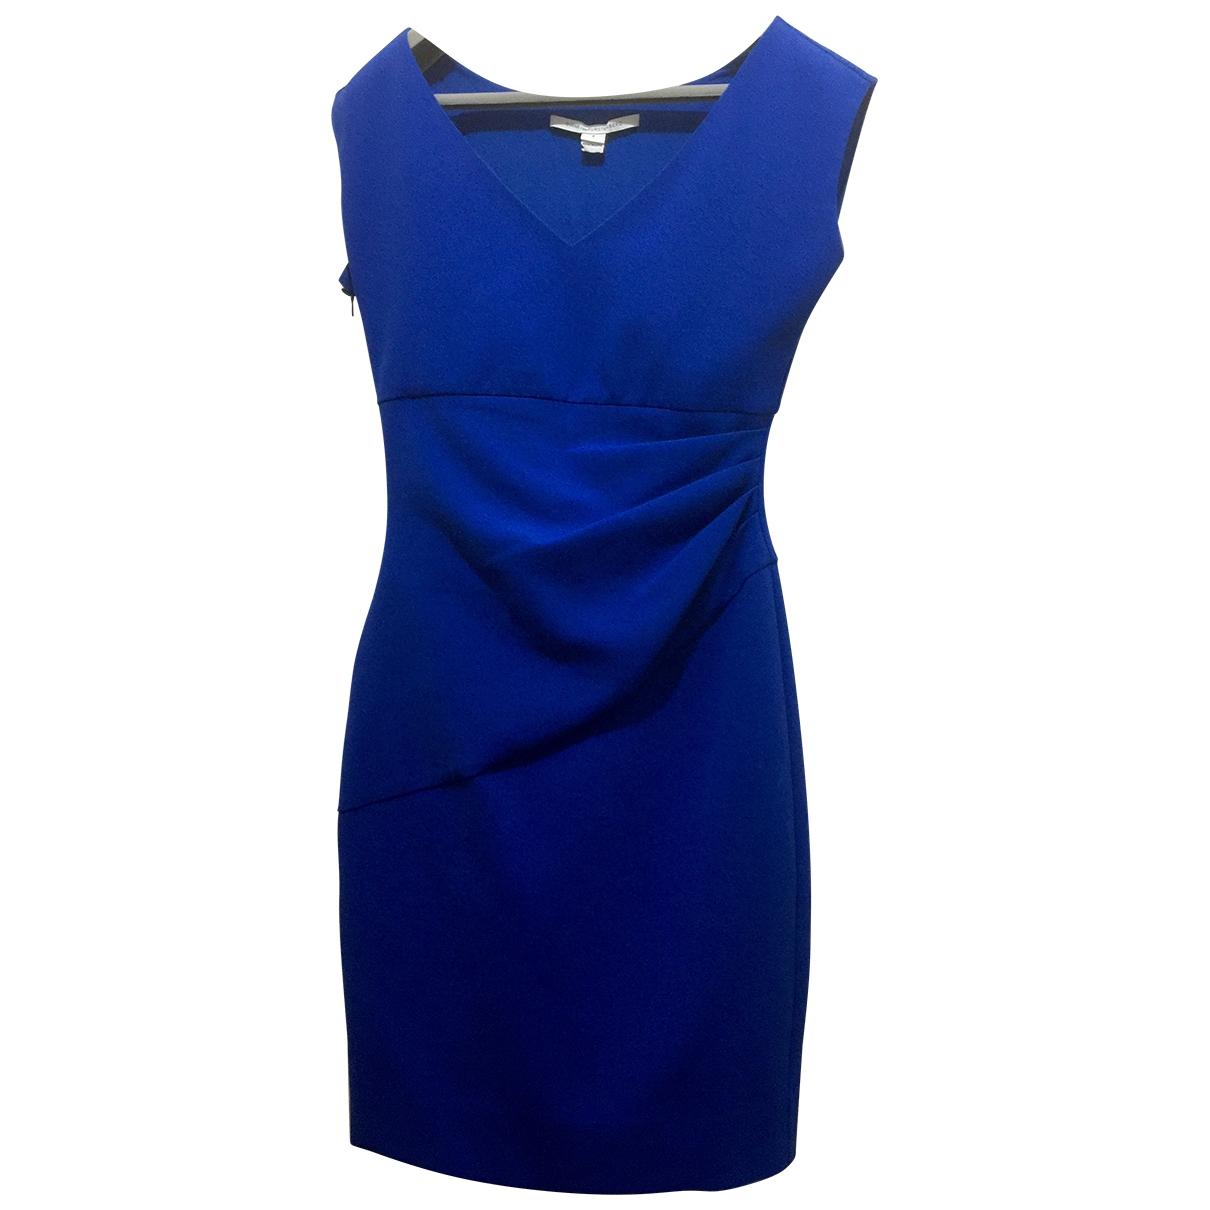 Diane Von Furstenberg \N Kleid in  Blau Polyester